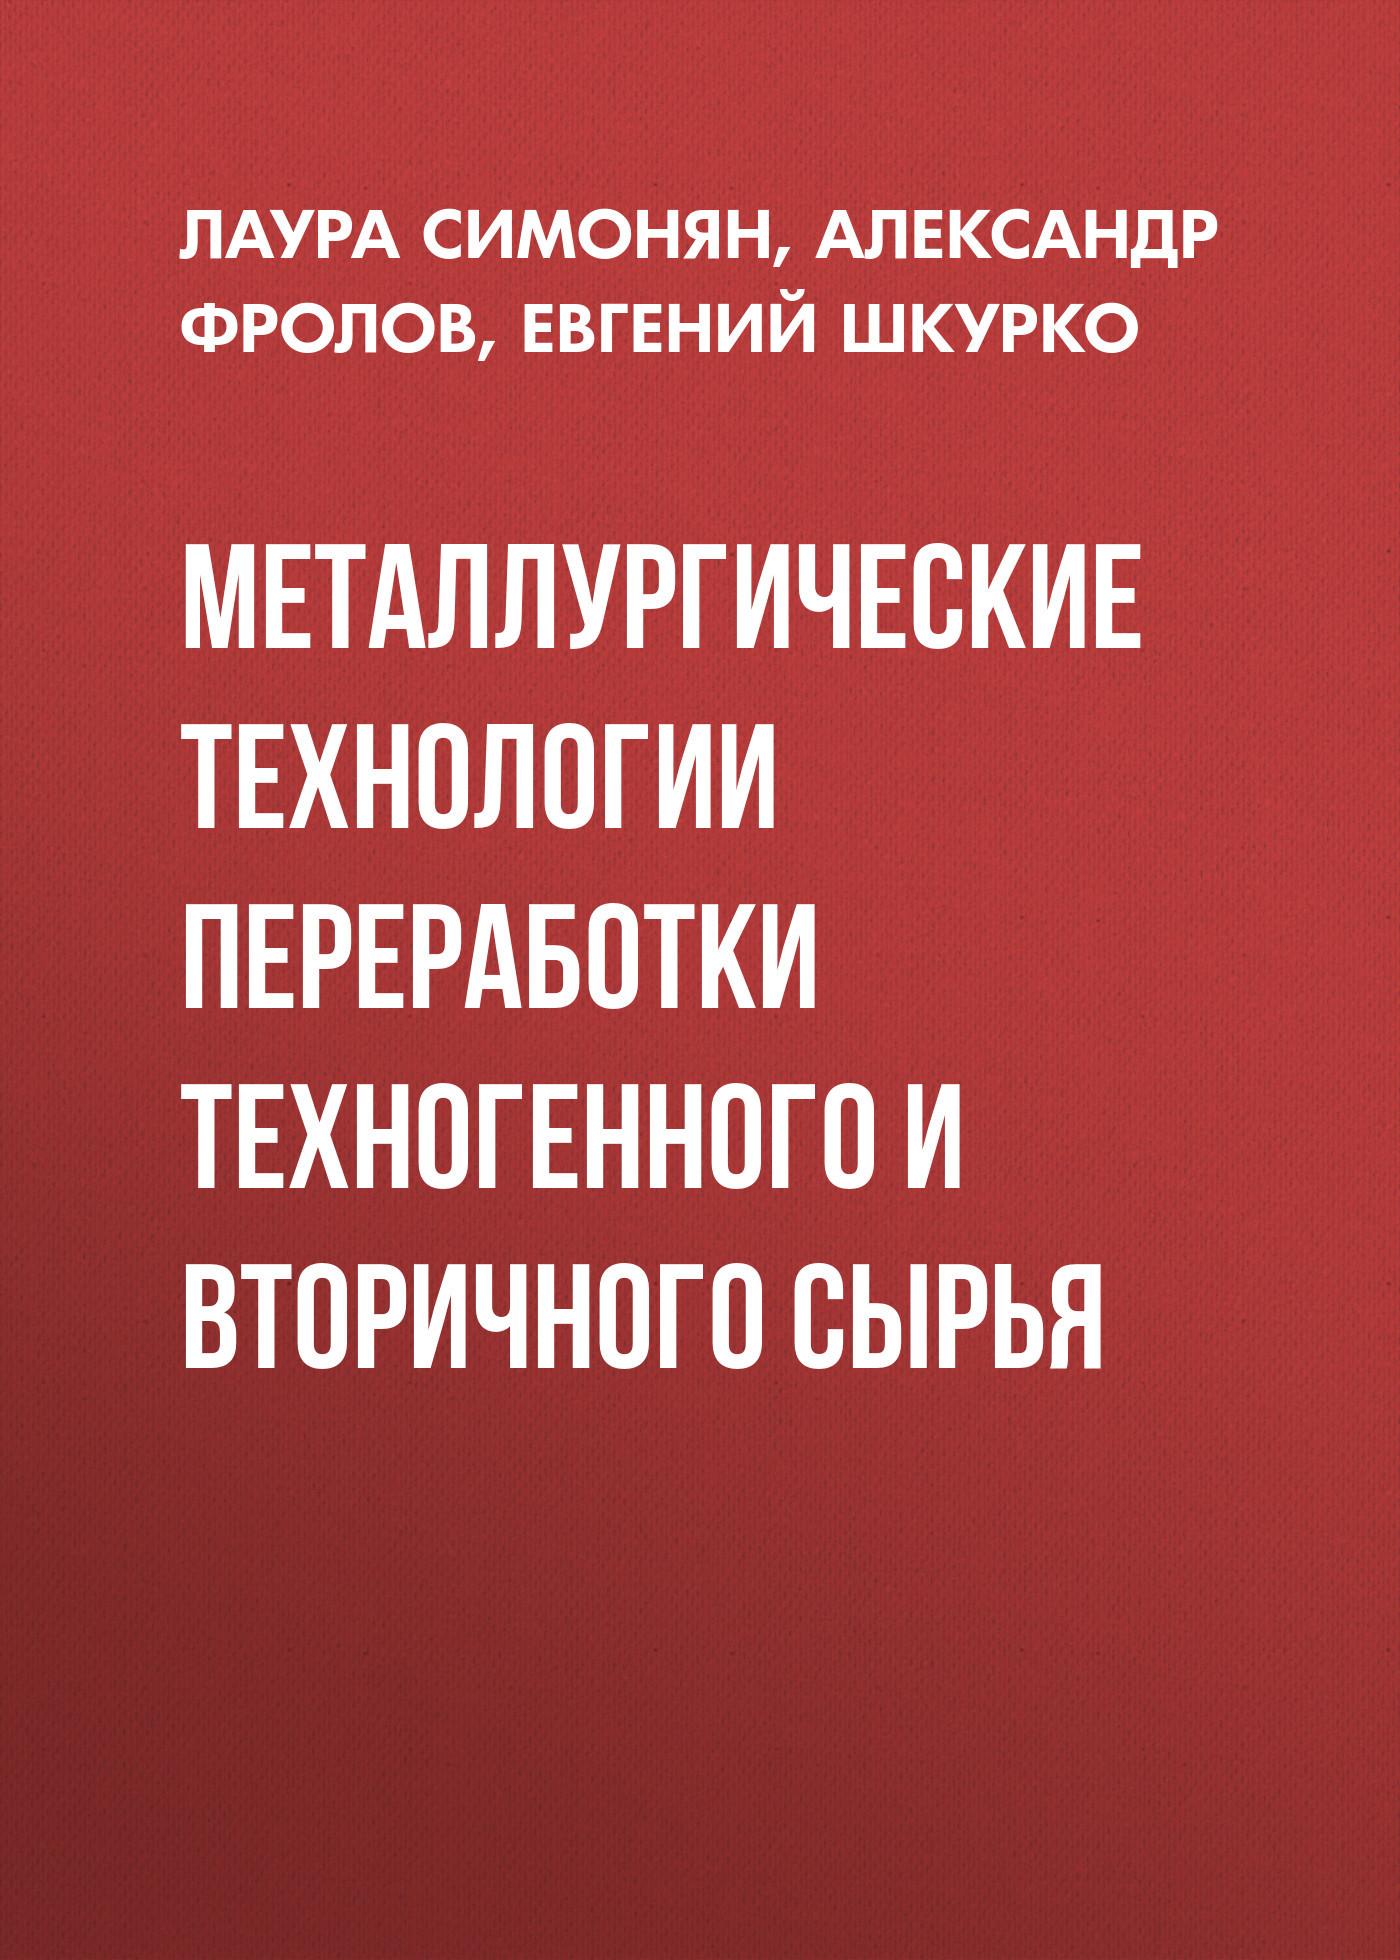 Лаура Симонян Металлургические технологии переработки техногенного и вторичного сырья